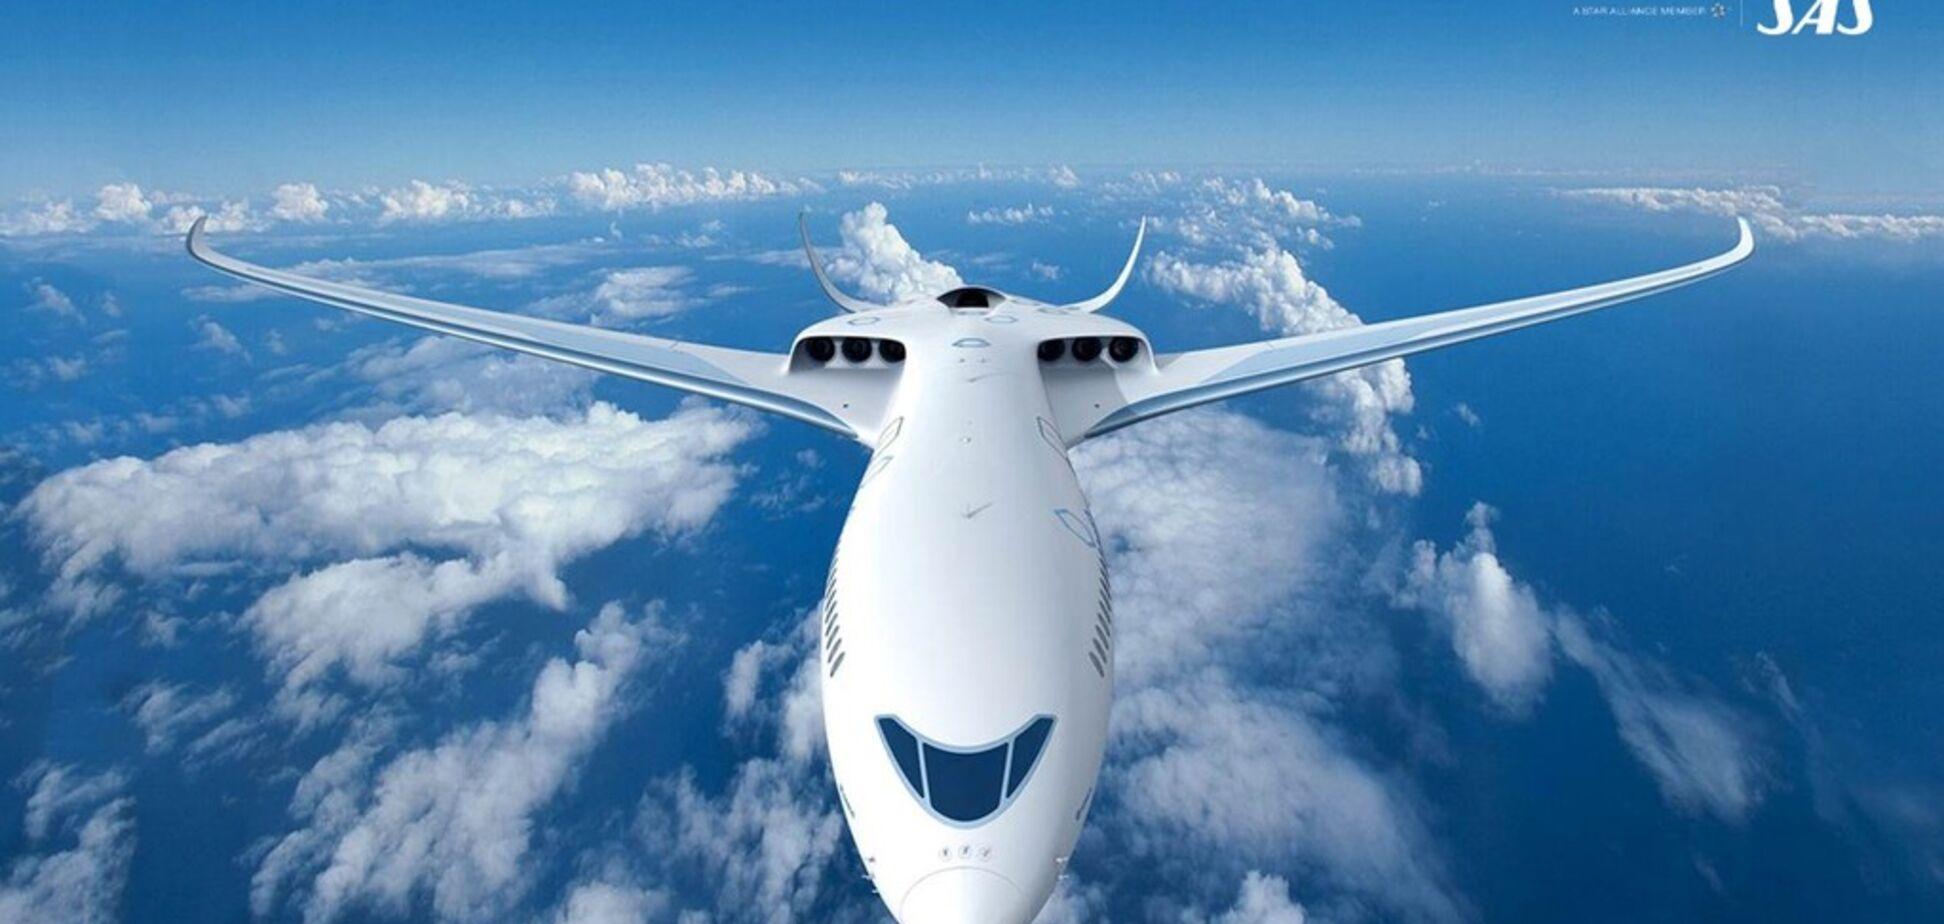 Дорожче, але екологічно: авіаперевізник запропонує особливі польоти на біопаливі